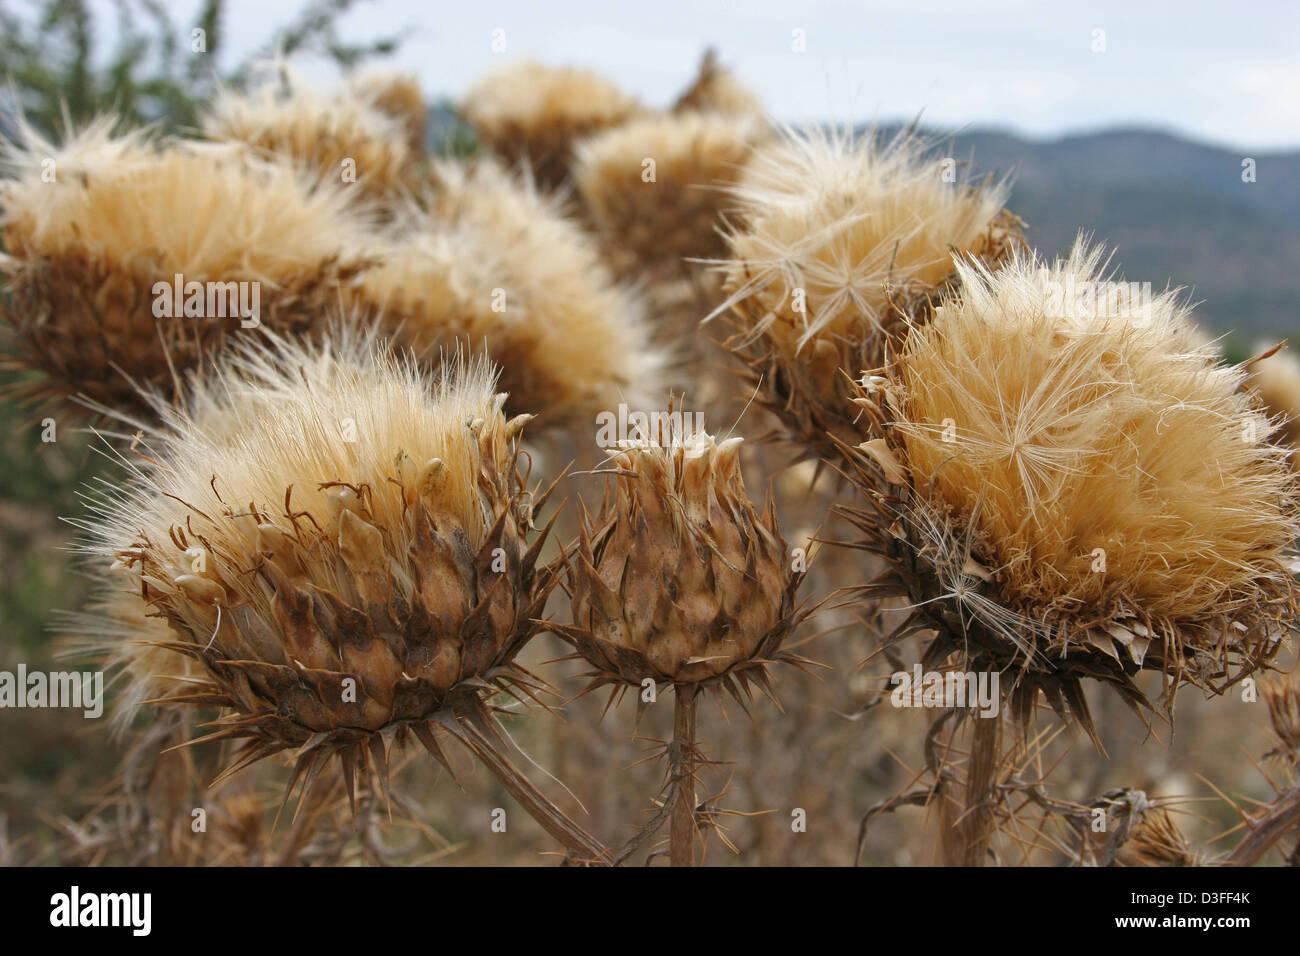 Fleurs De Chardon Geant Graines De Fleurs Sechees Banque D Images